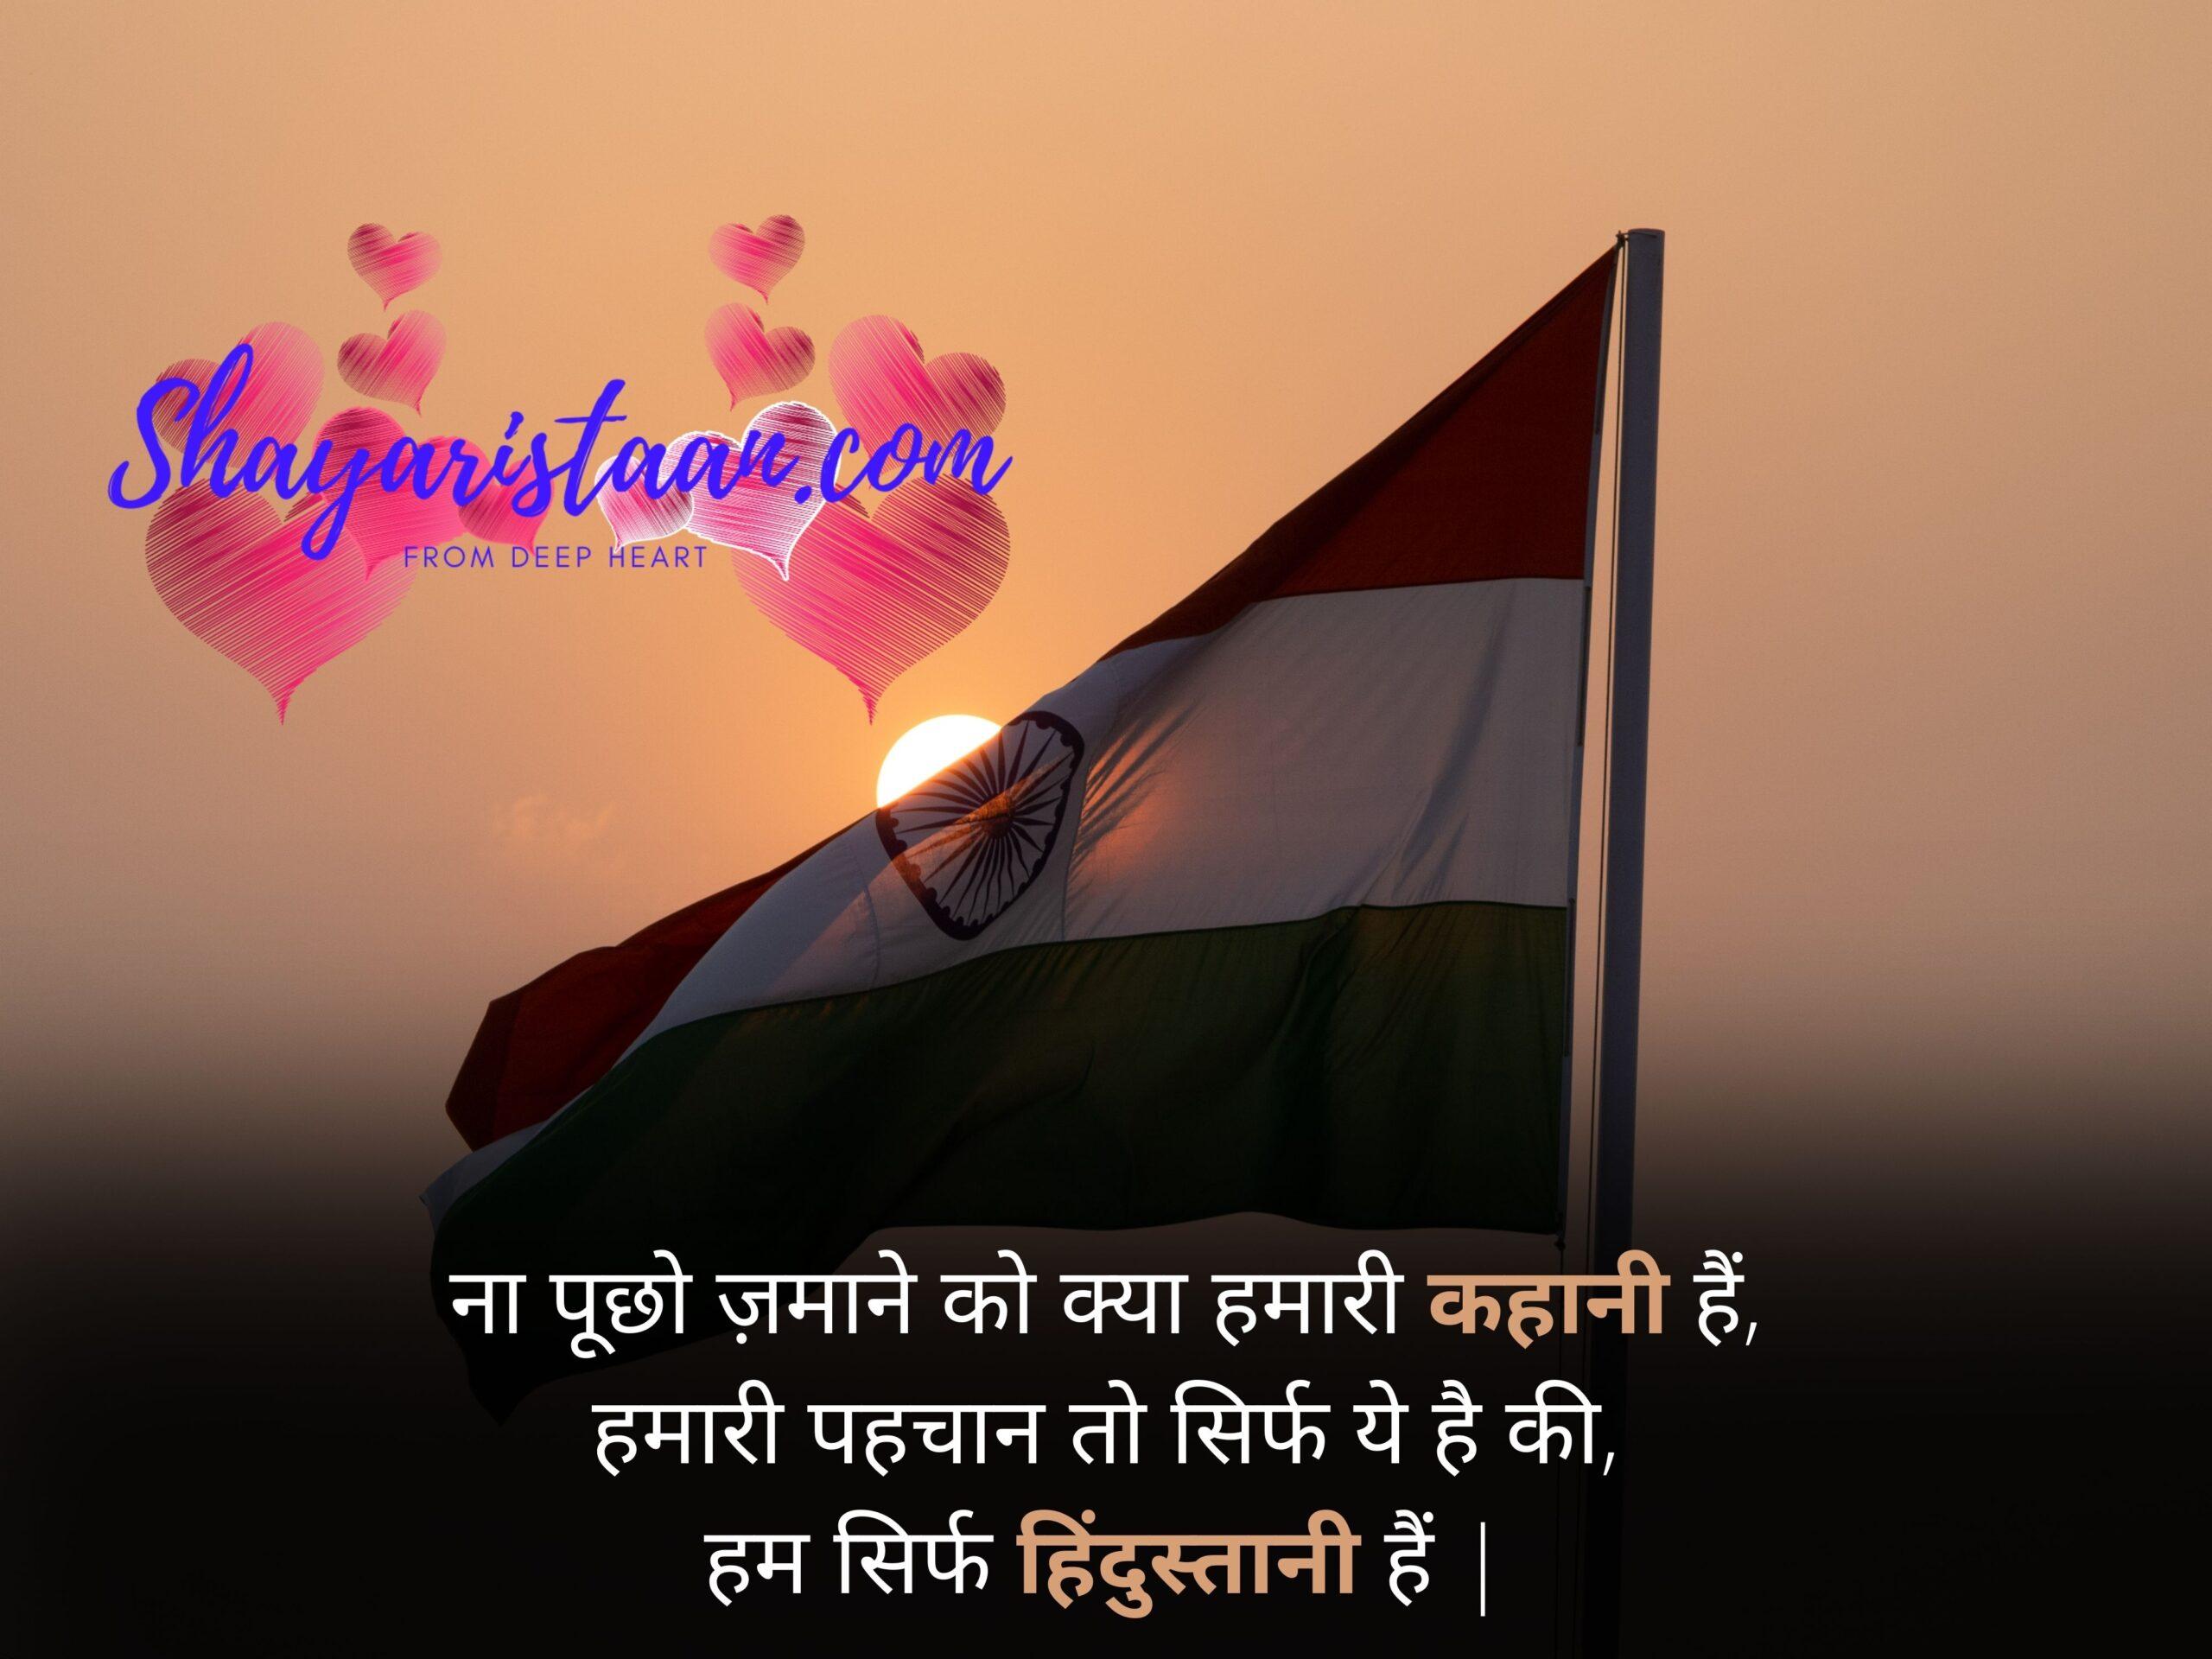 love indian army photo | ना पूछो ज़माने को क्या हमारी कहानी हैं, हमारी पहचान तो सिर्फ ये है की, हम सिर्फ हिंदुस्तानी हैं |